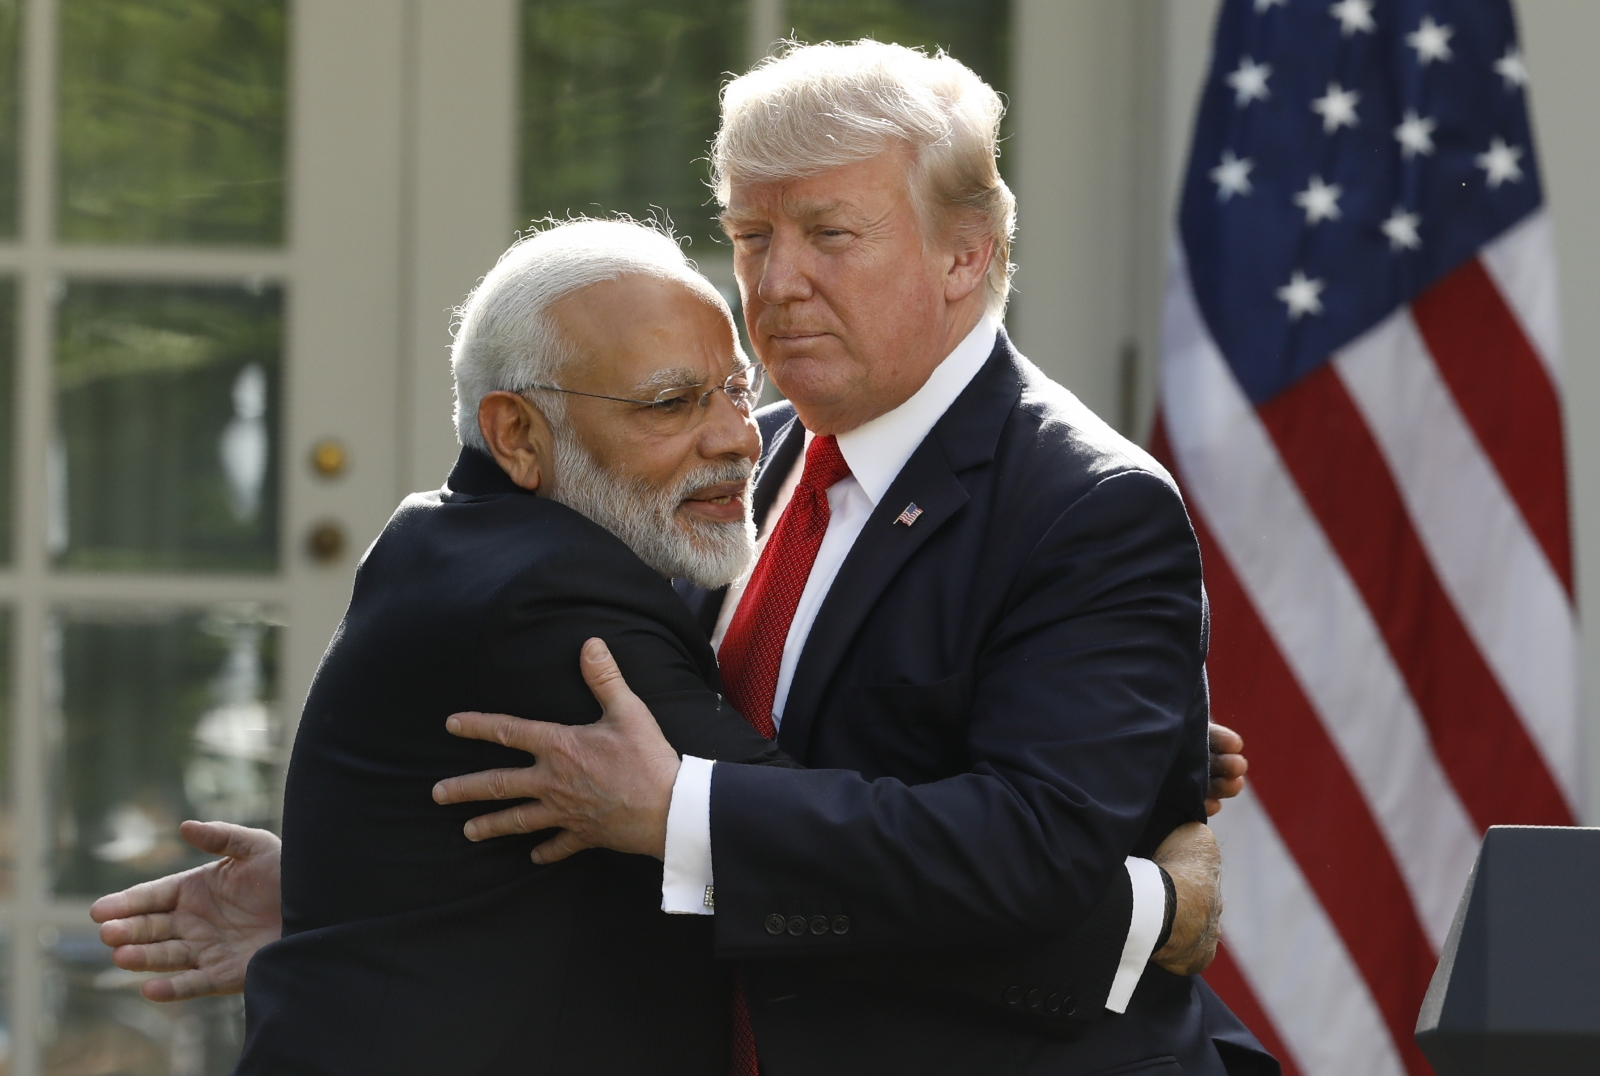 Trump and Modi hug